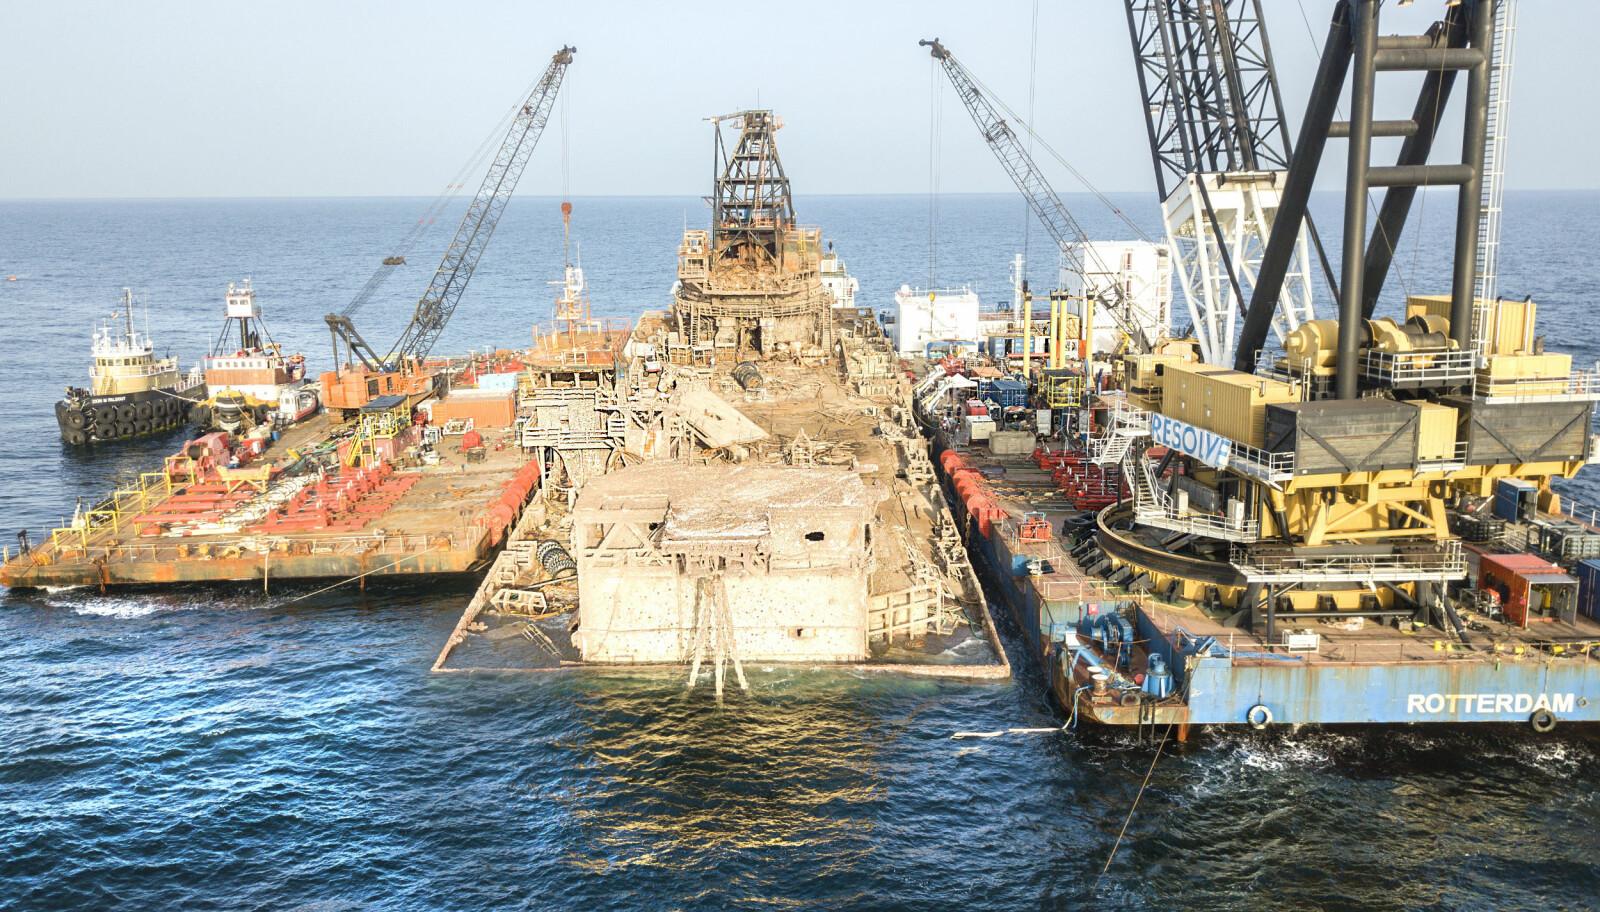 GIGANT: Den nederlandske kranlekteren Conquest (til h.) kan løfte 1400 tonn, og var også med på tidenes største redningsaksjon til sjøs, hevingen av cruiseskipet Costa Concordia.